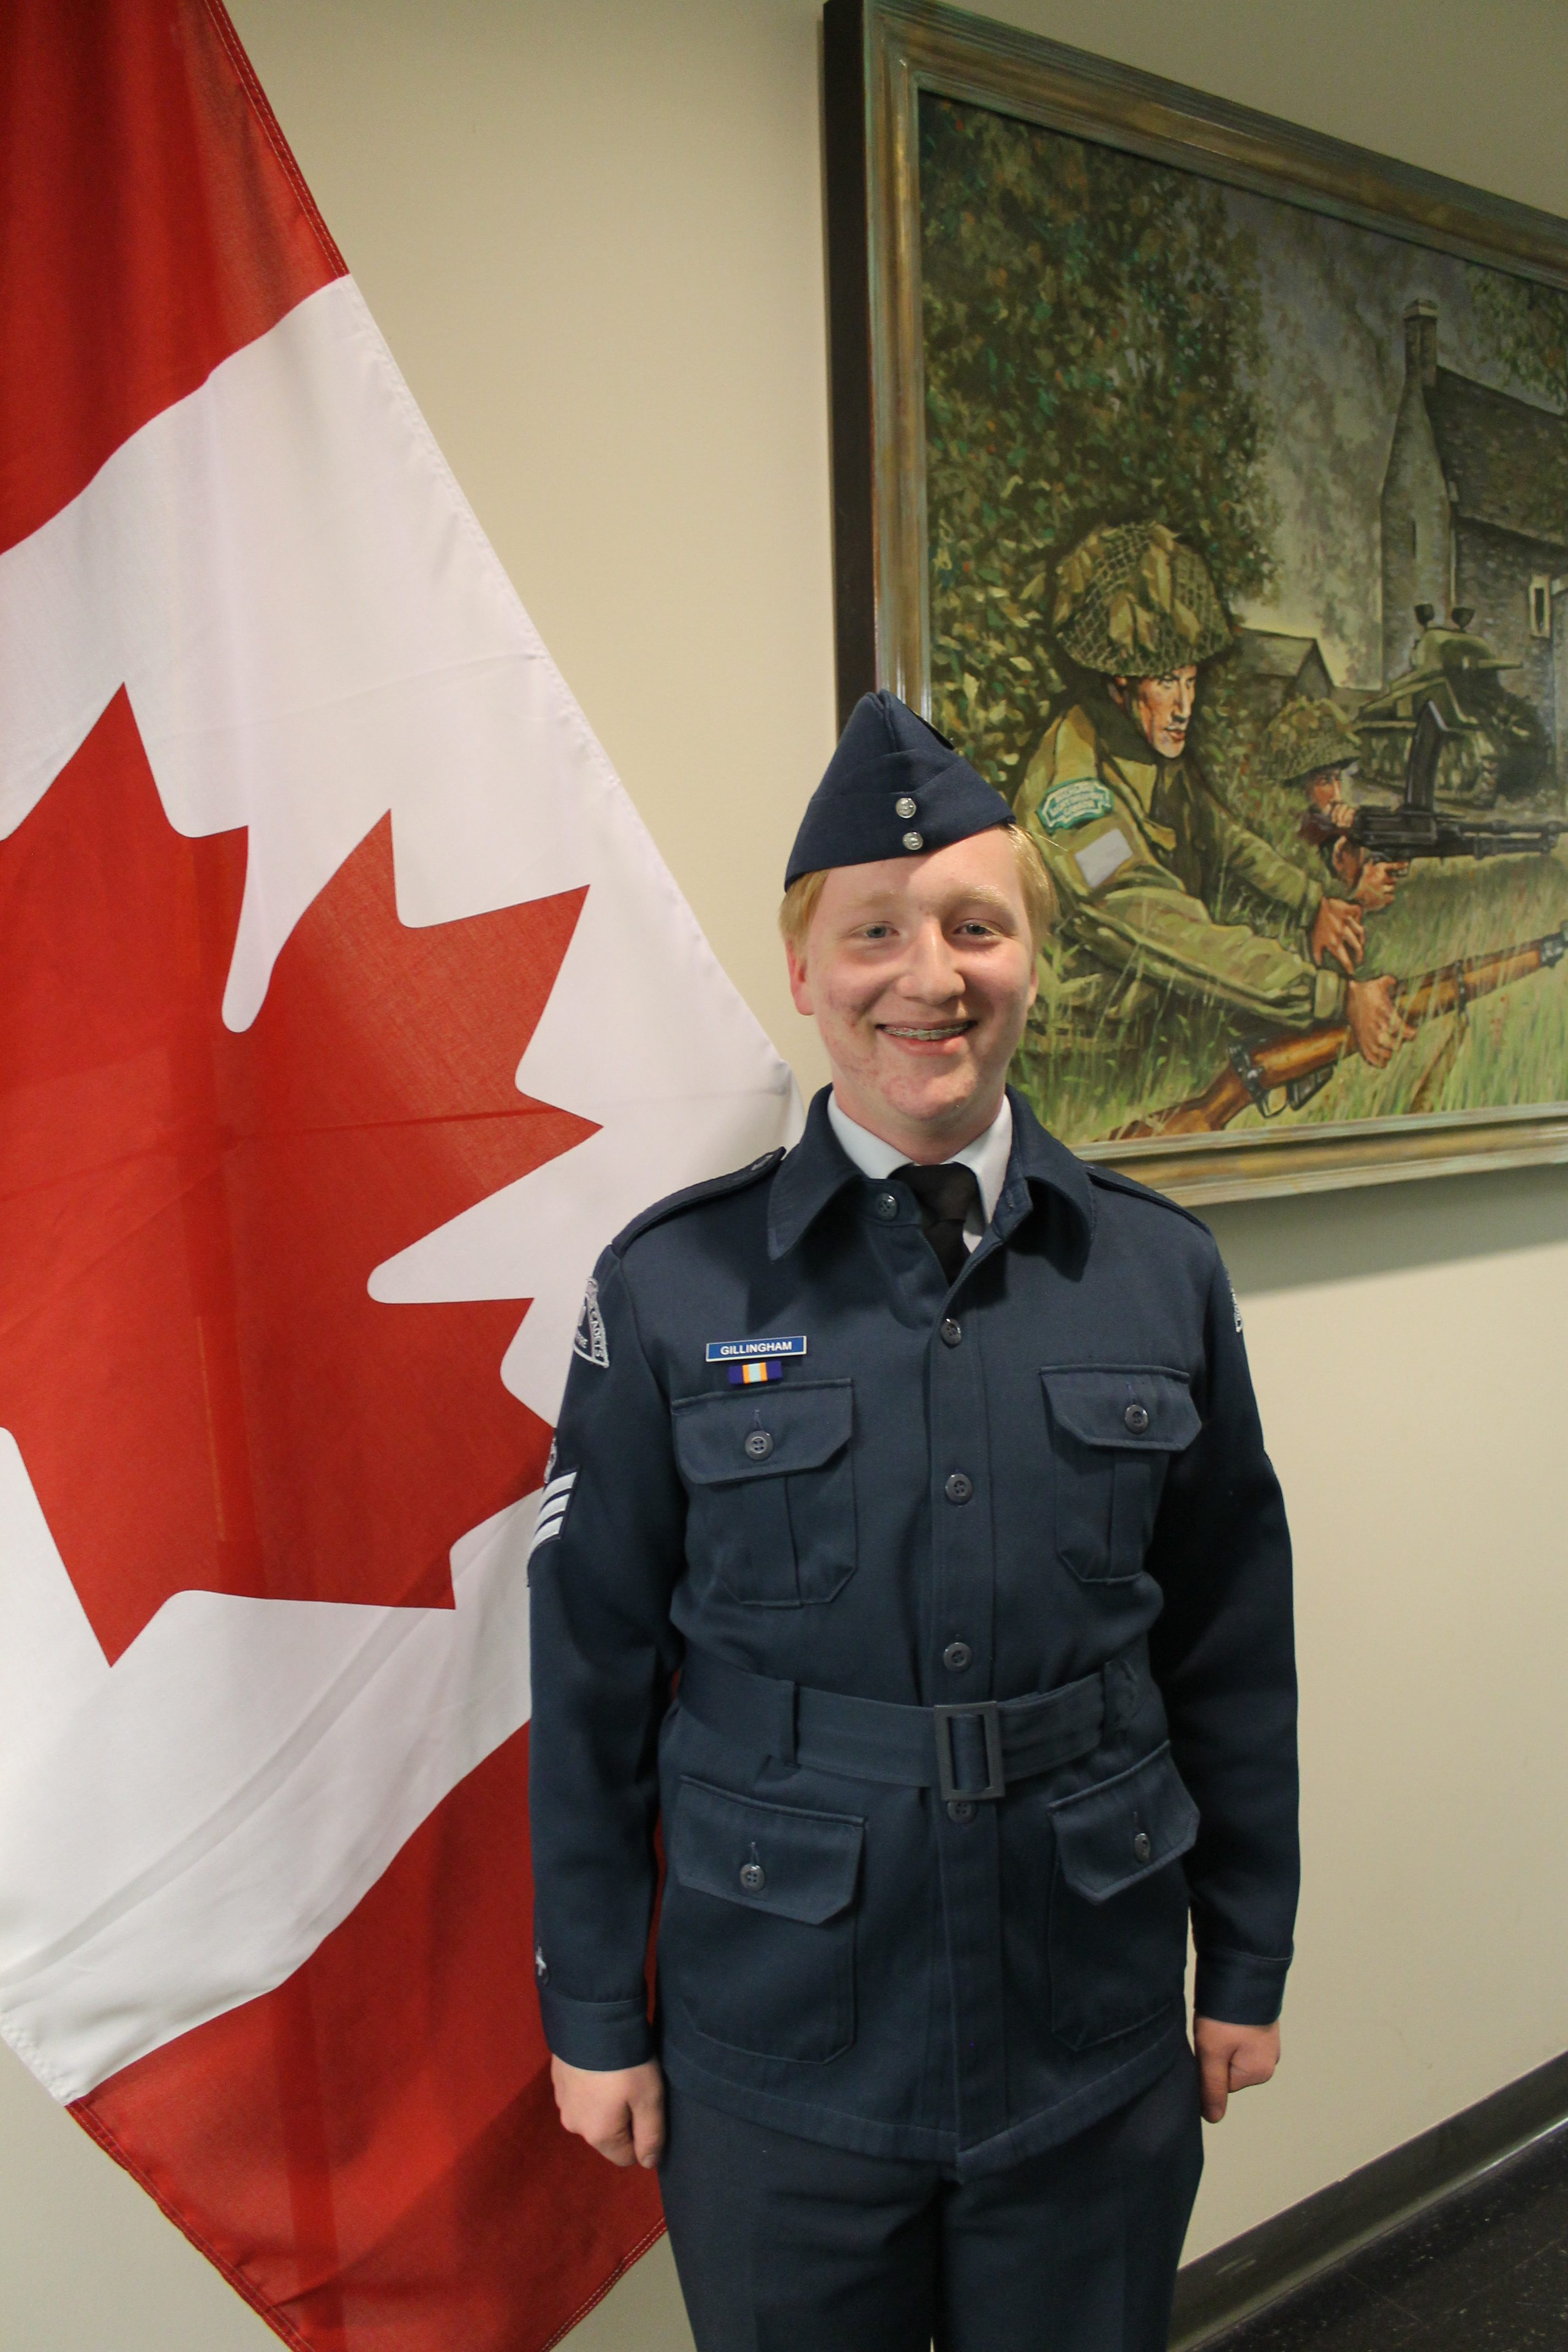 Warrent Officer First Class Noah Gillingham